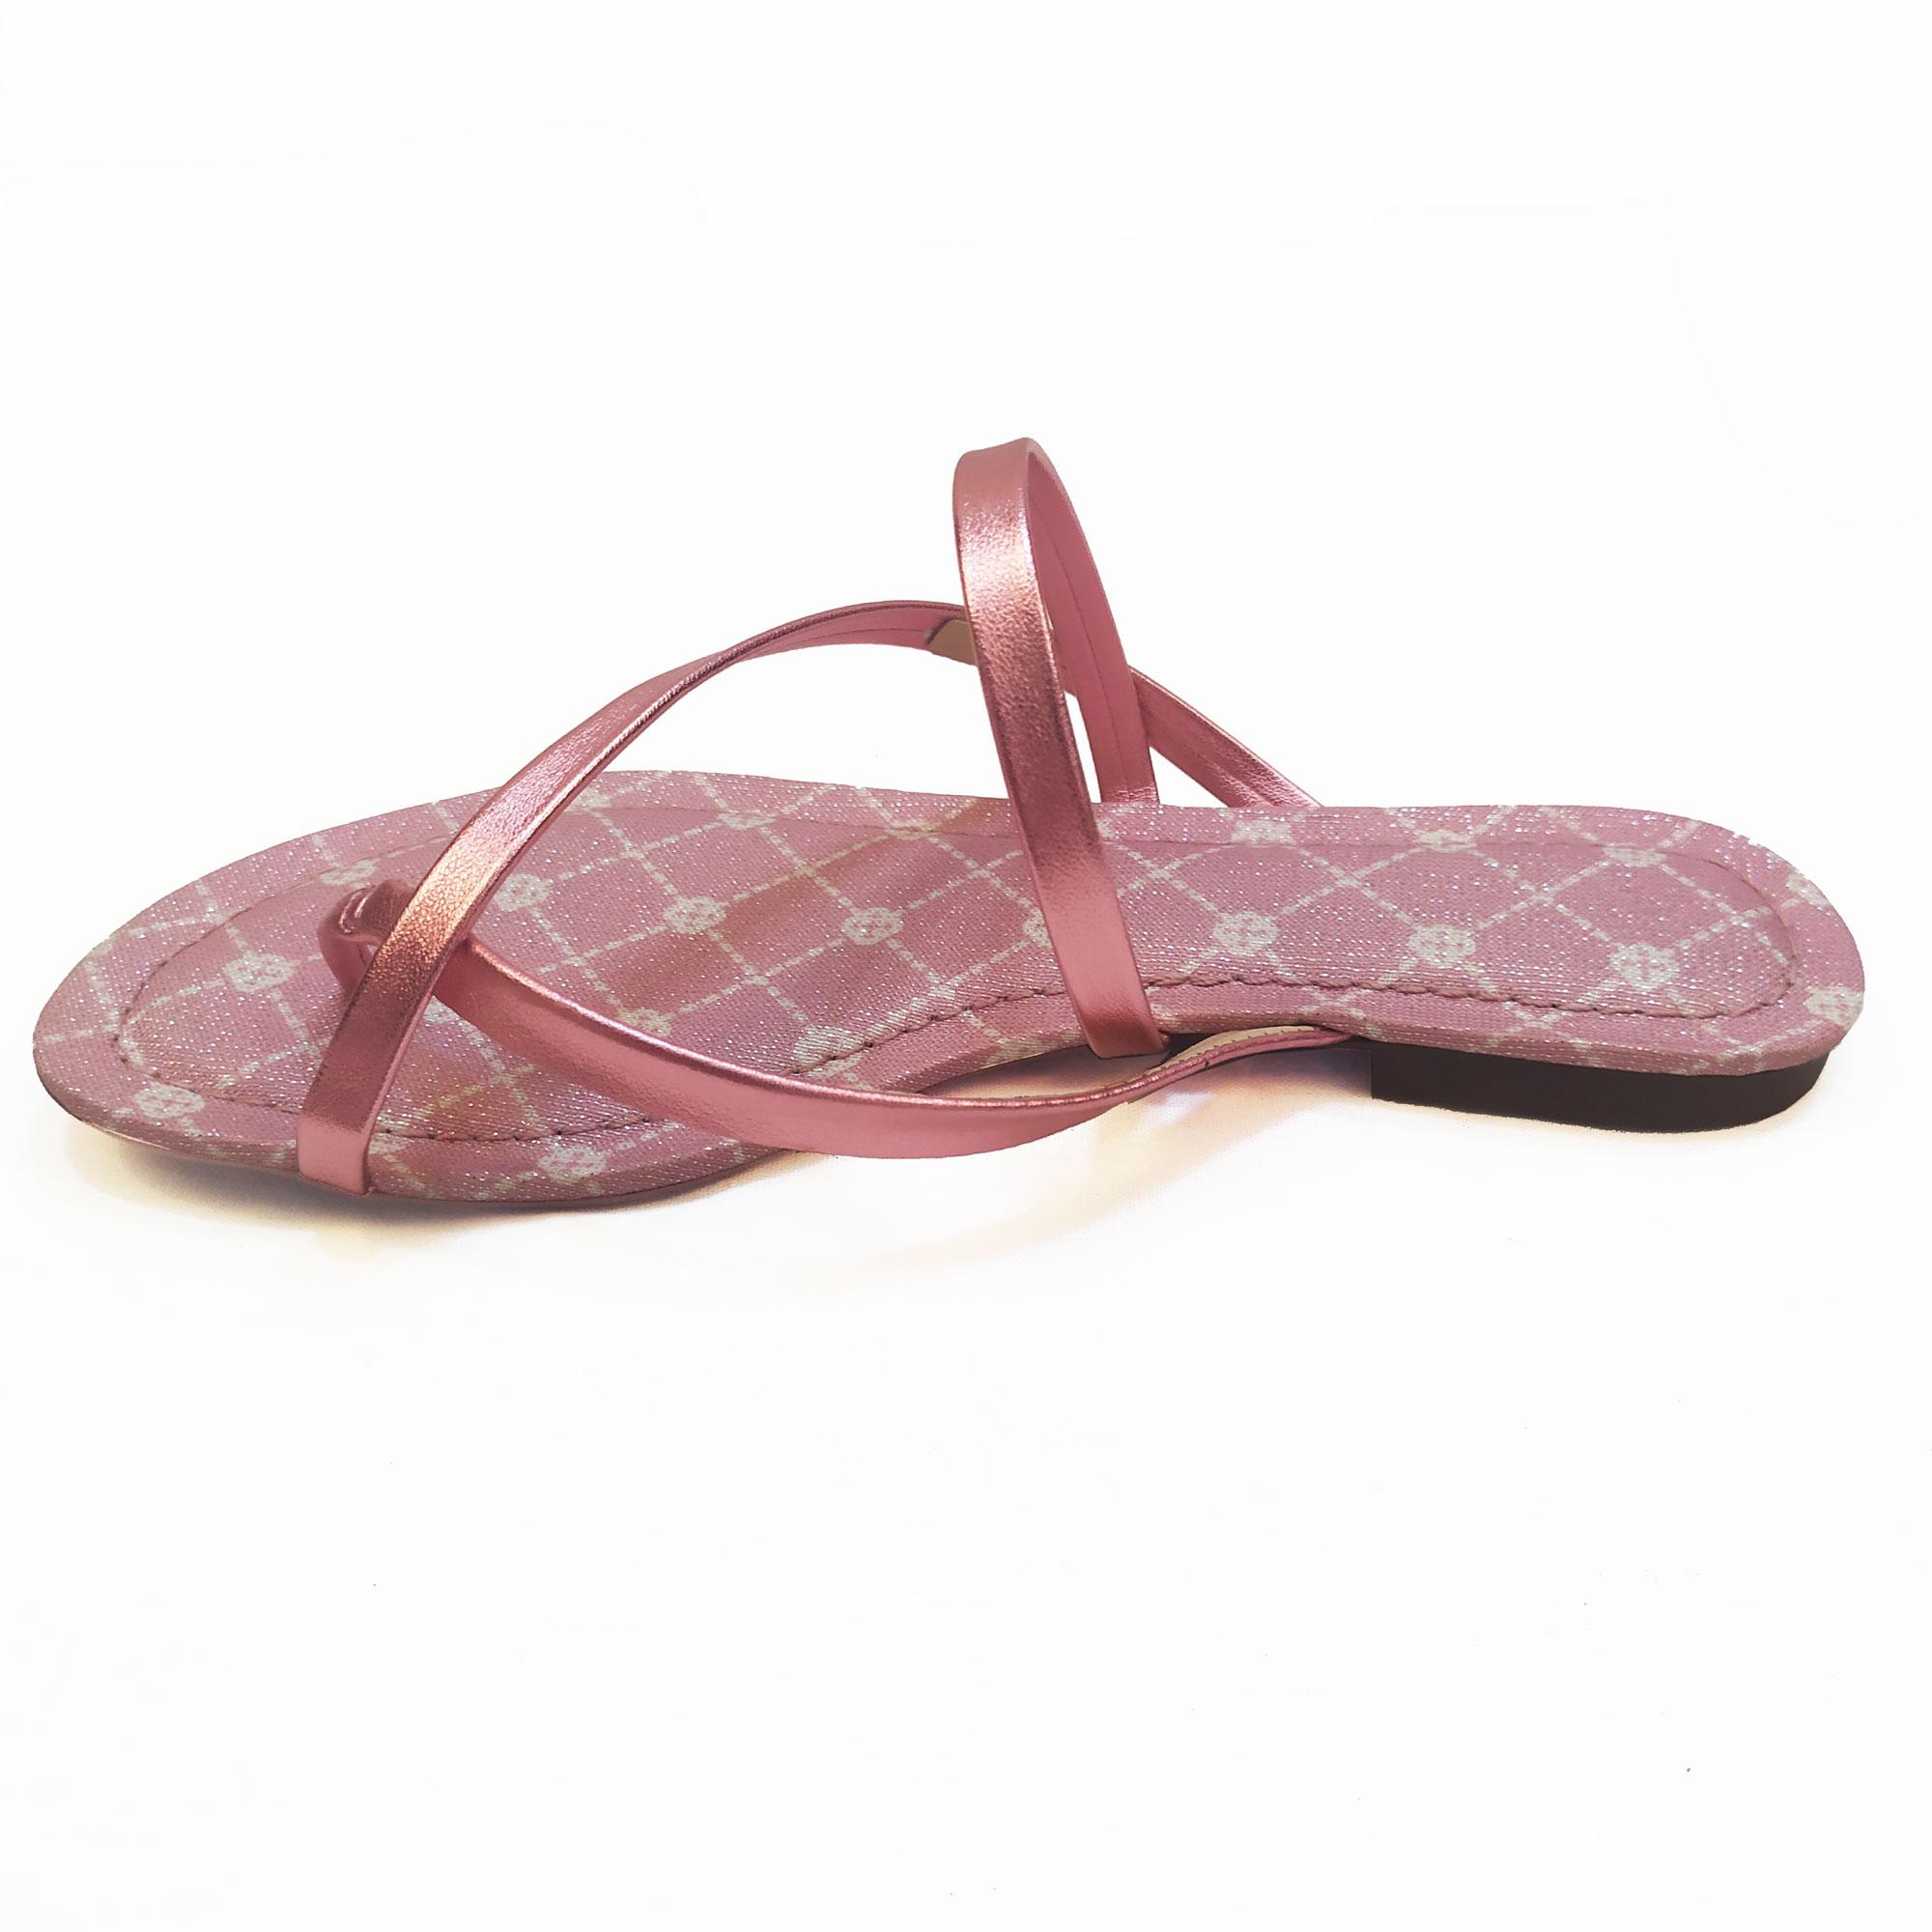 Sandália Rasteira Soft Metalizado Rosa Capodarte